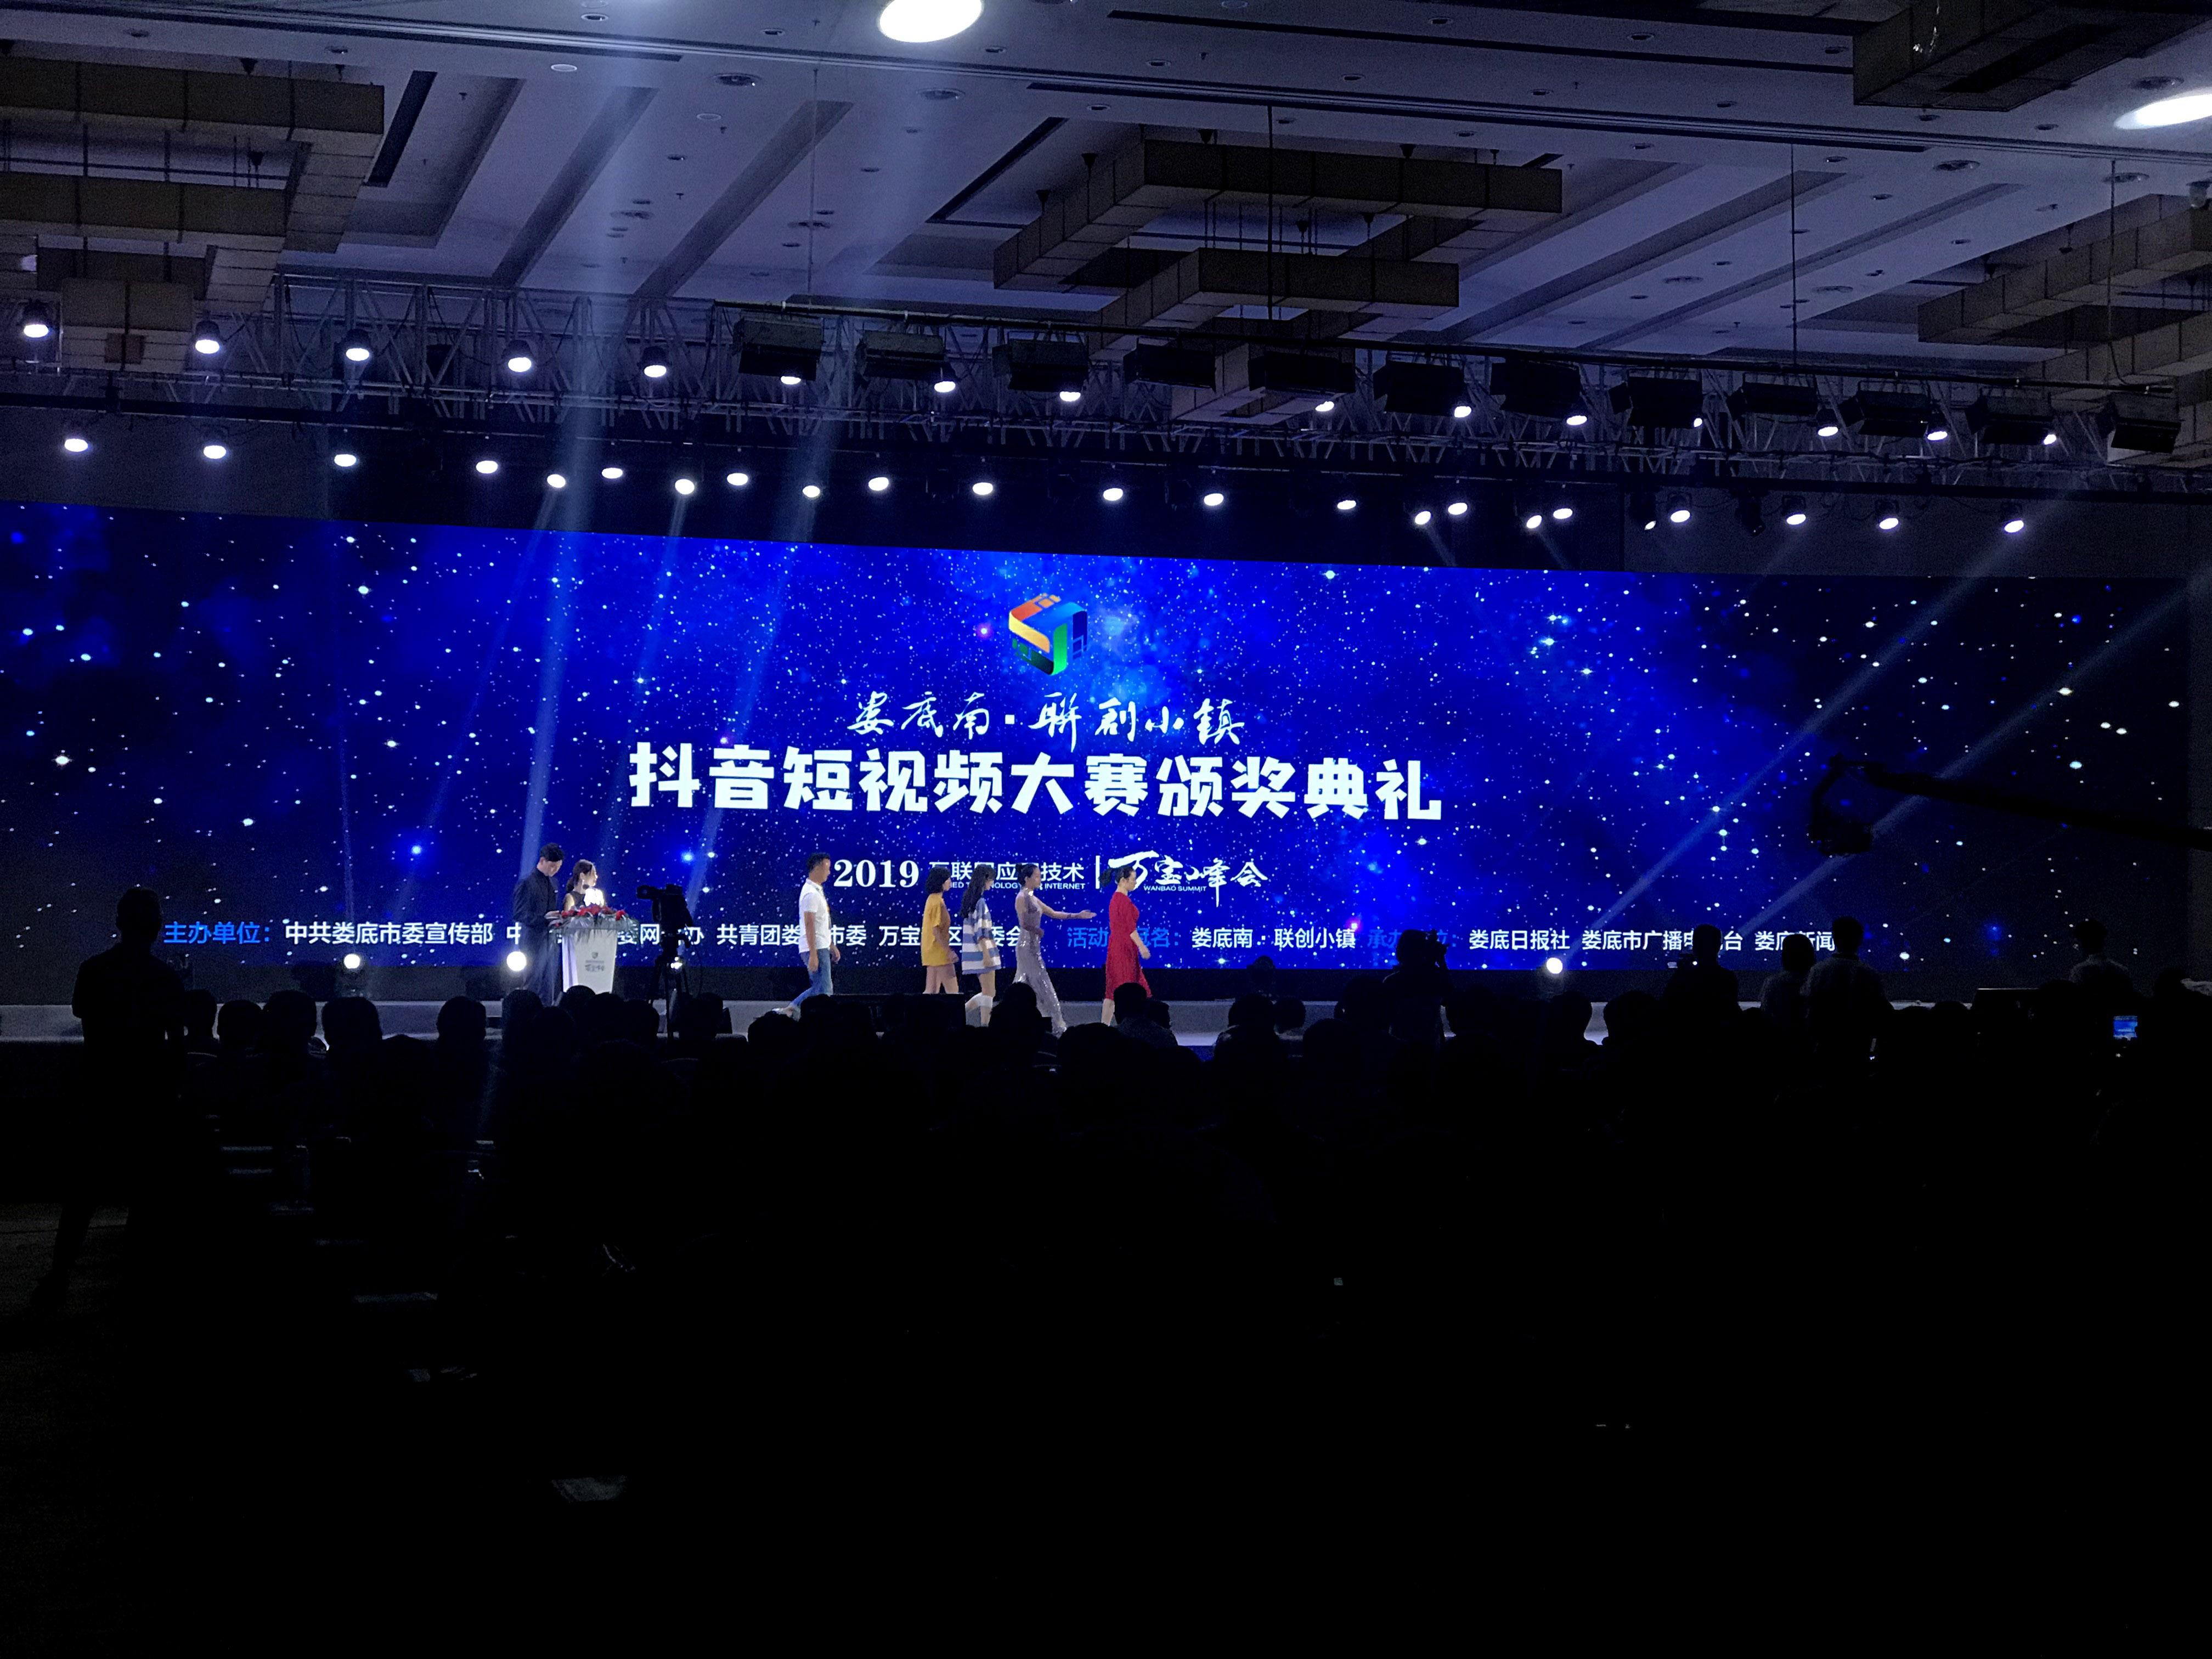 娄底南·联创小镇 抖音短视频大赛颁奖典礼